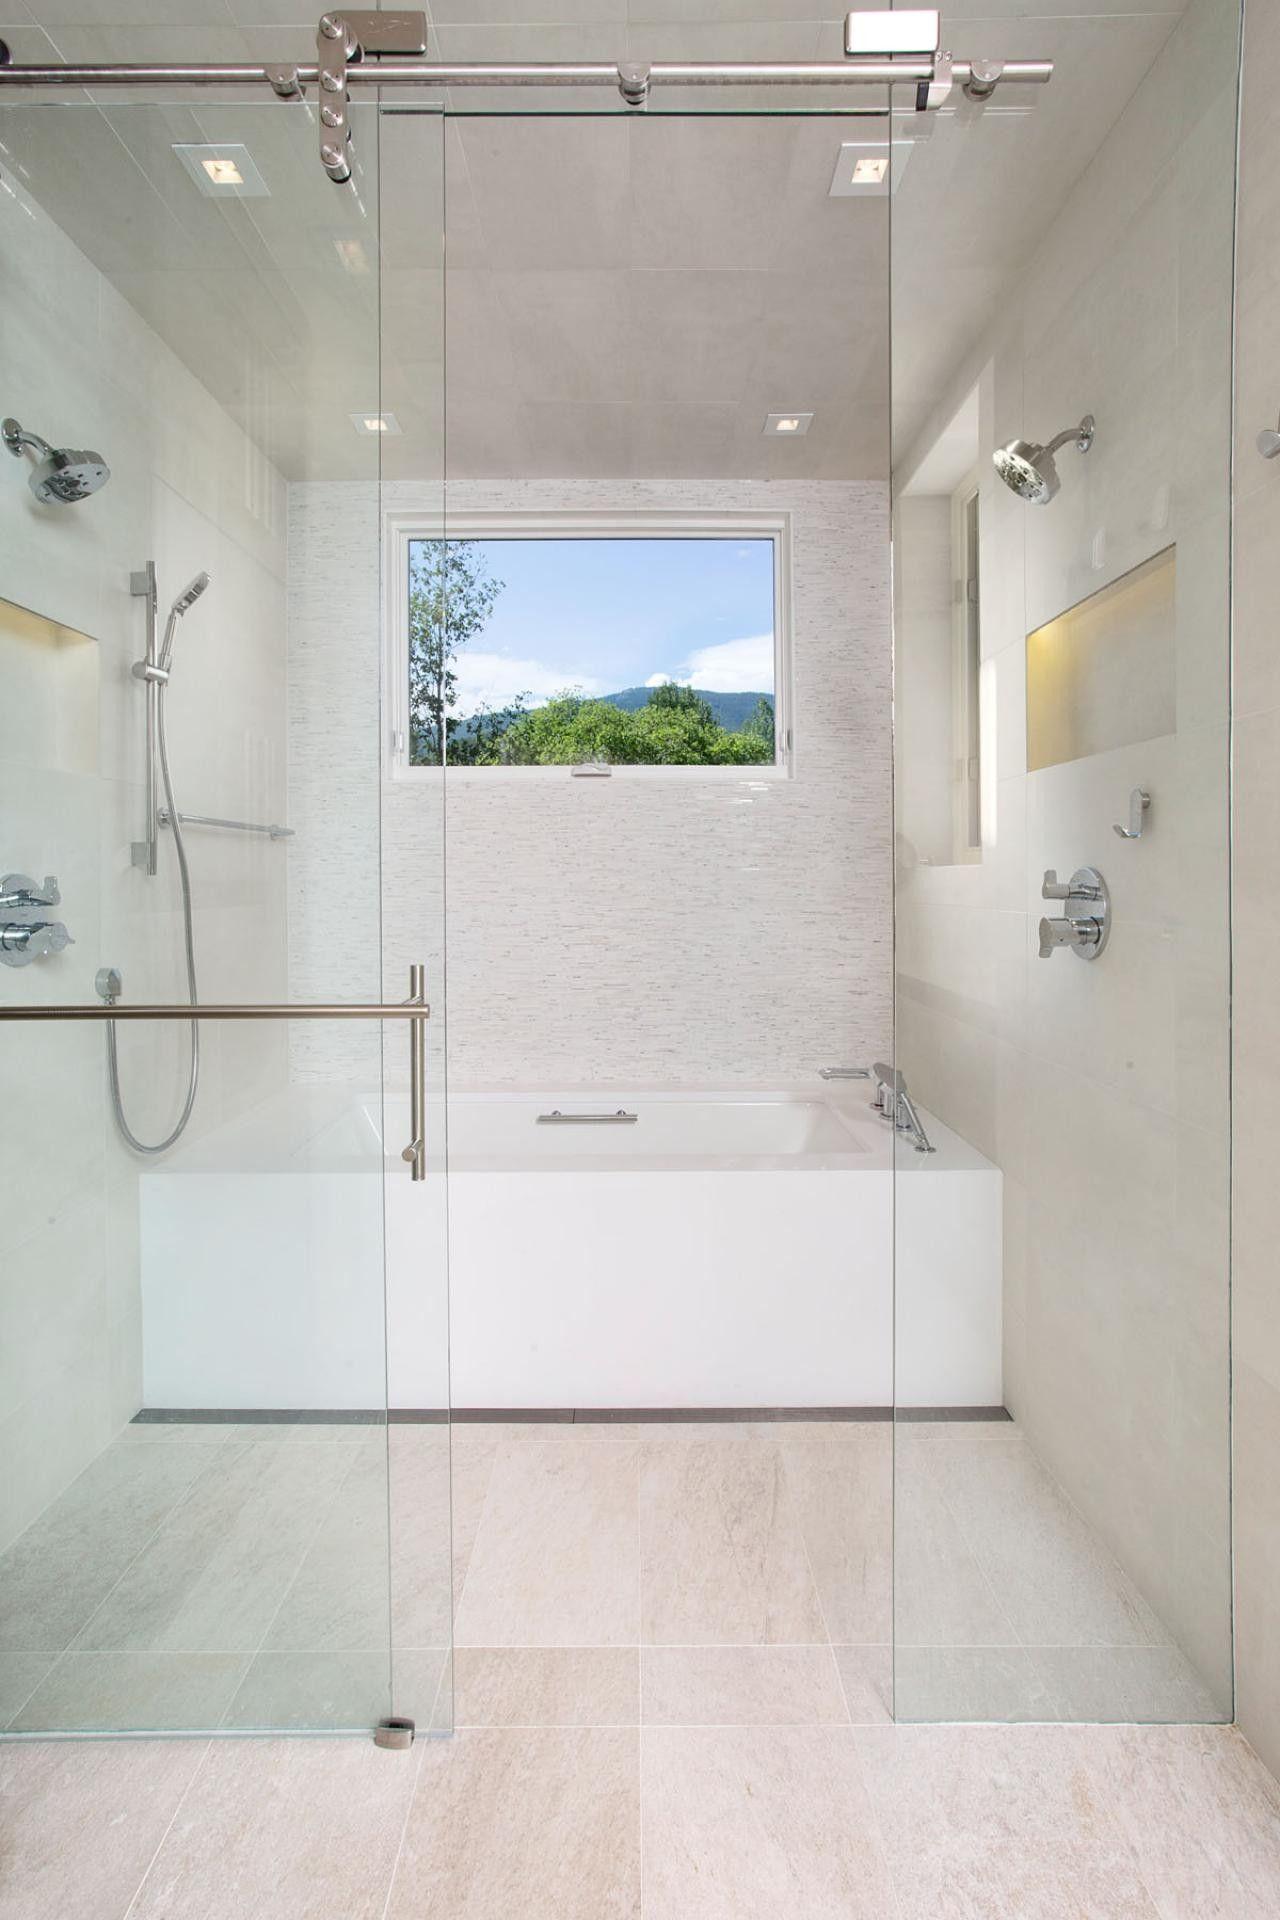 Pin By Dottie On Baddottie Bathroom Design Trends Window In Shower Bathrooms Remodel